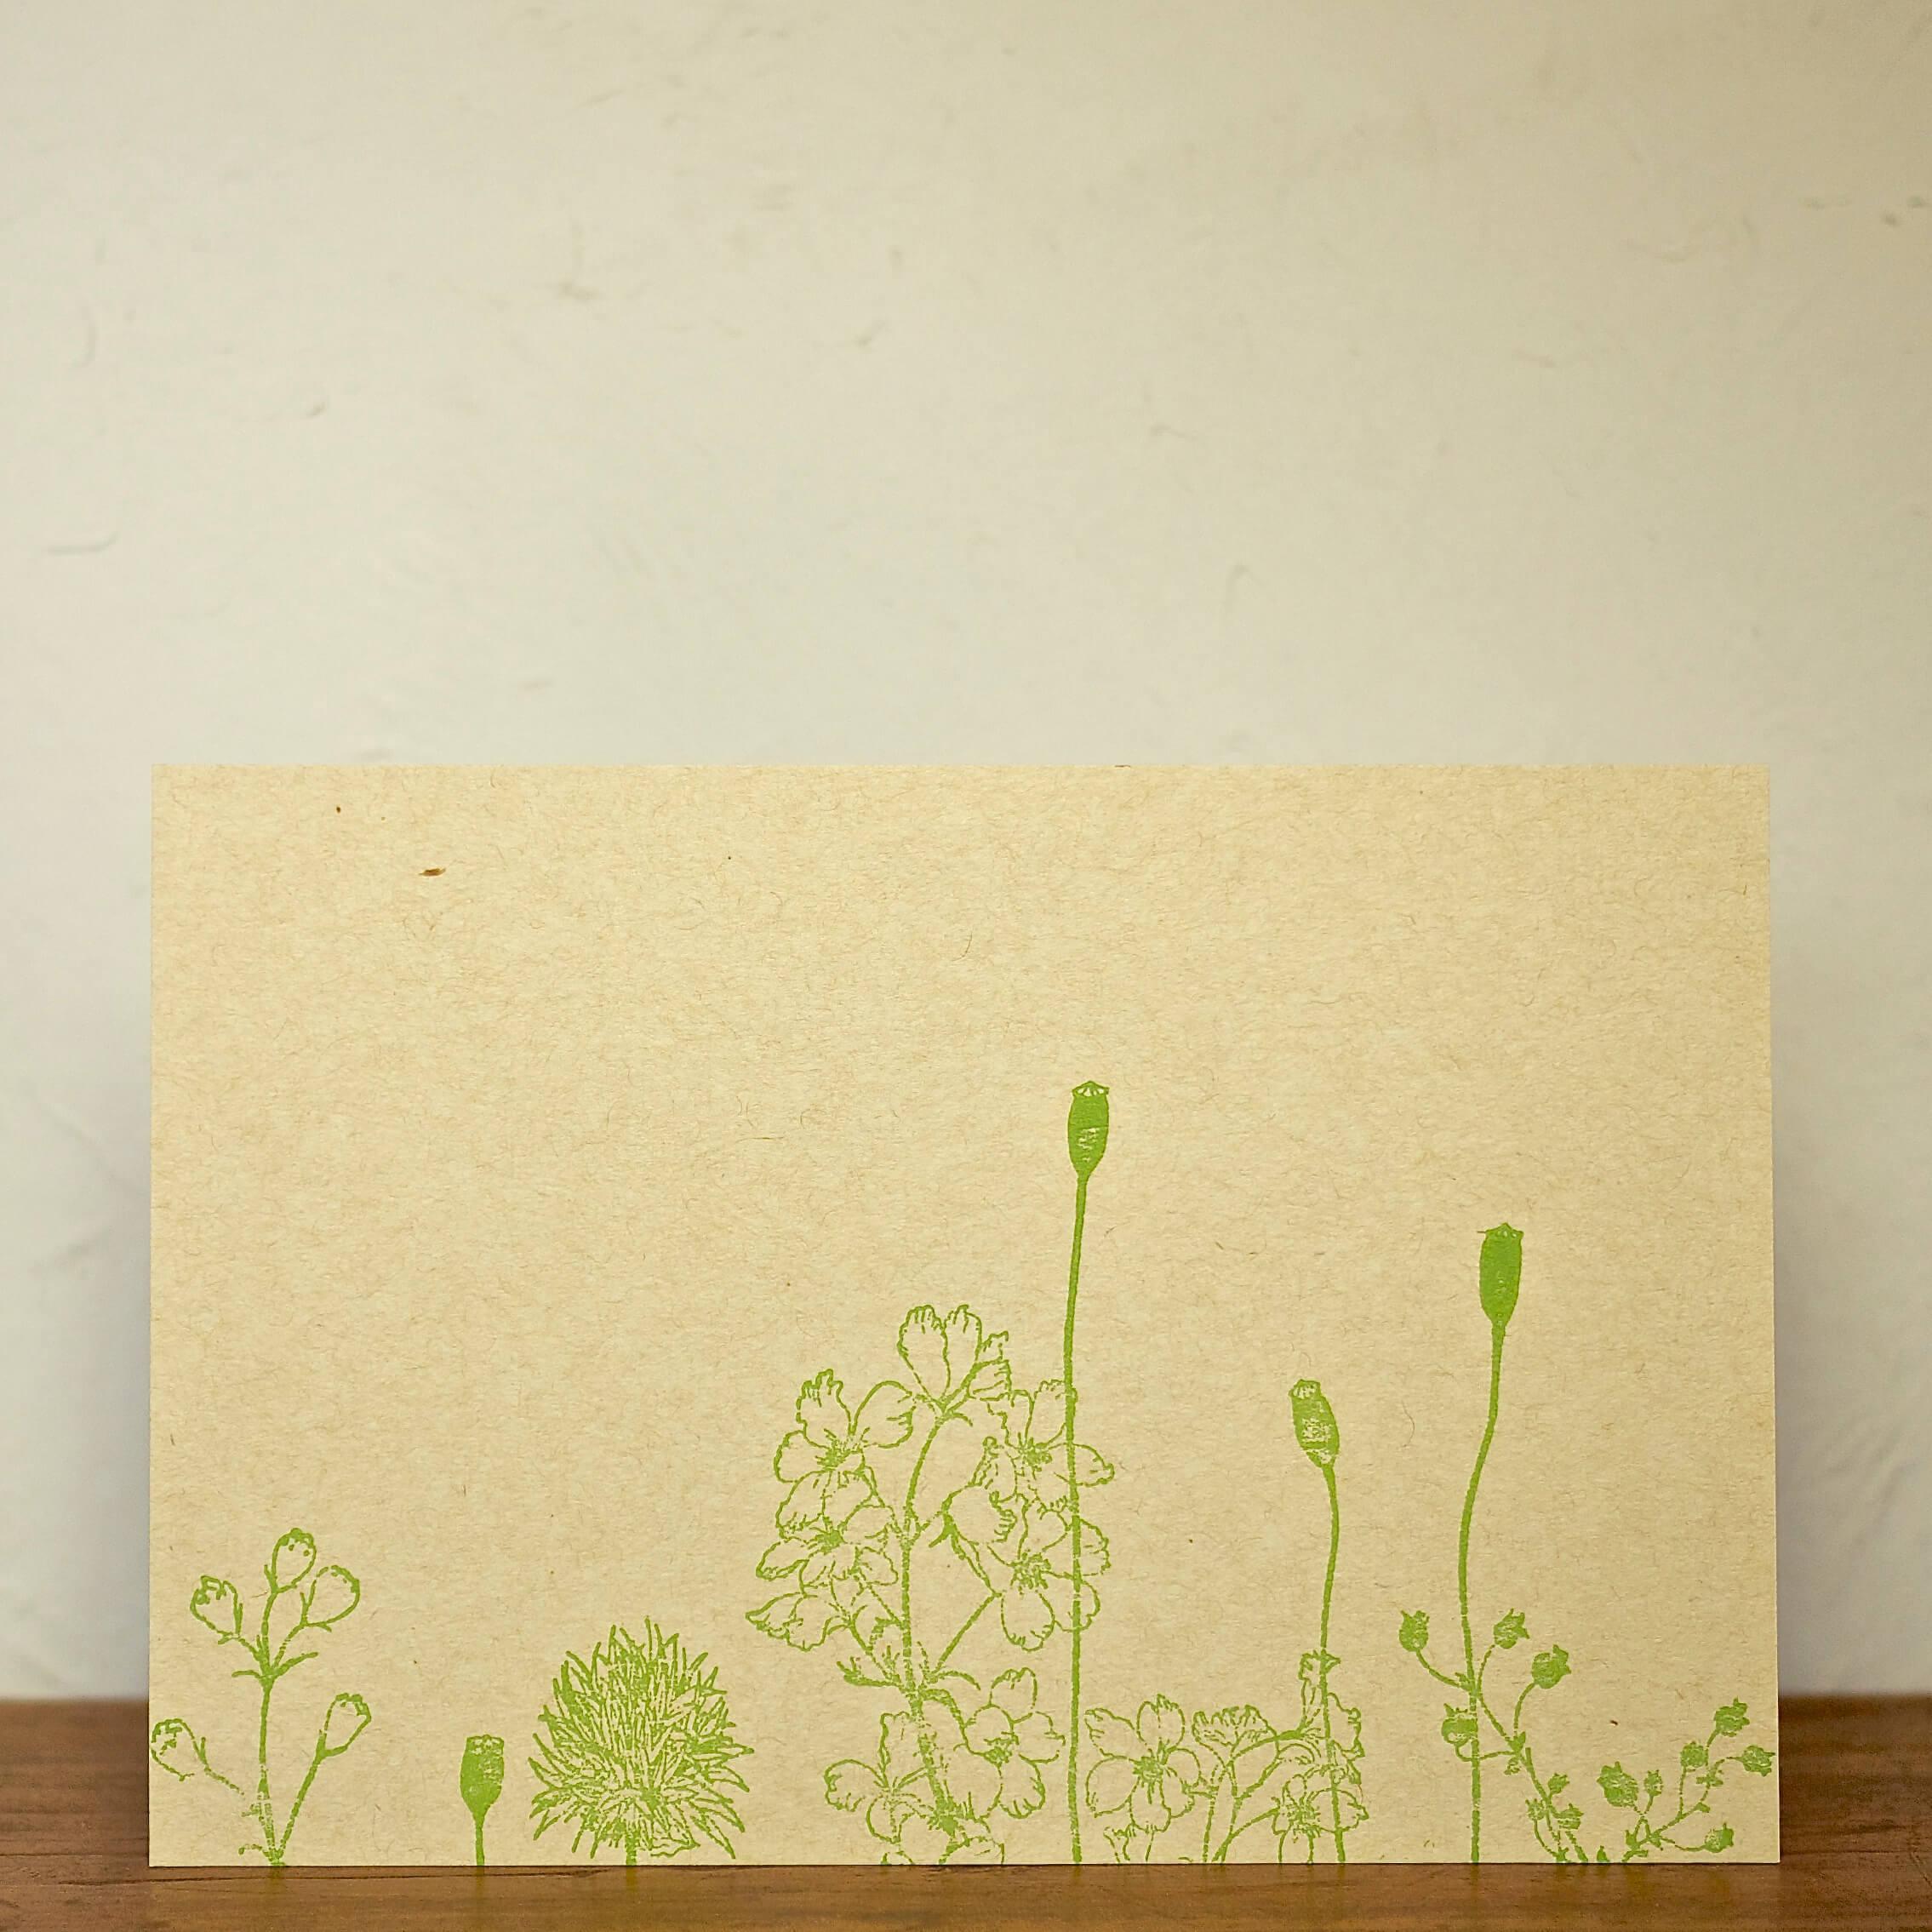 postcard 夏の庭 デルフィニウム